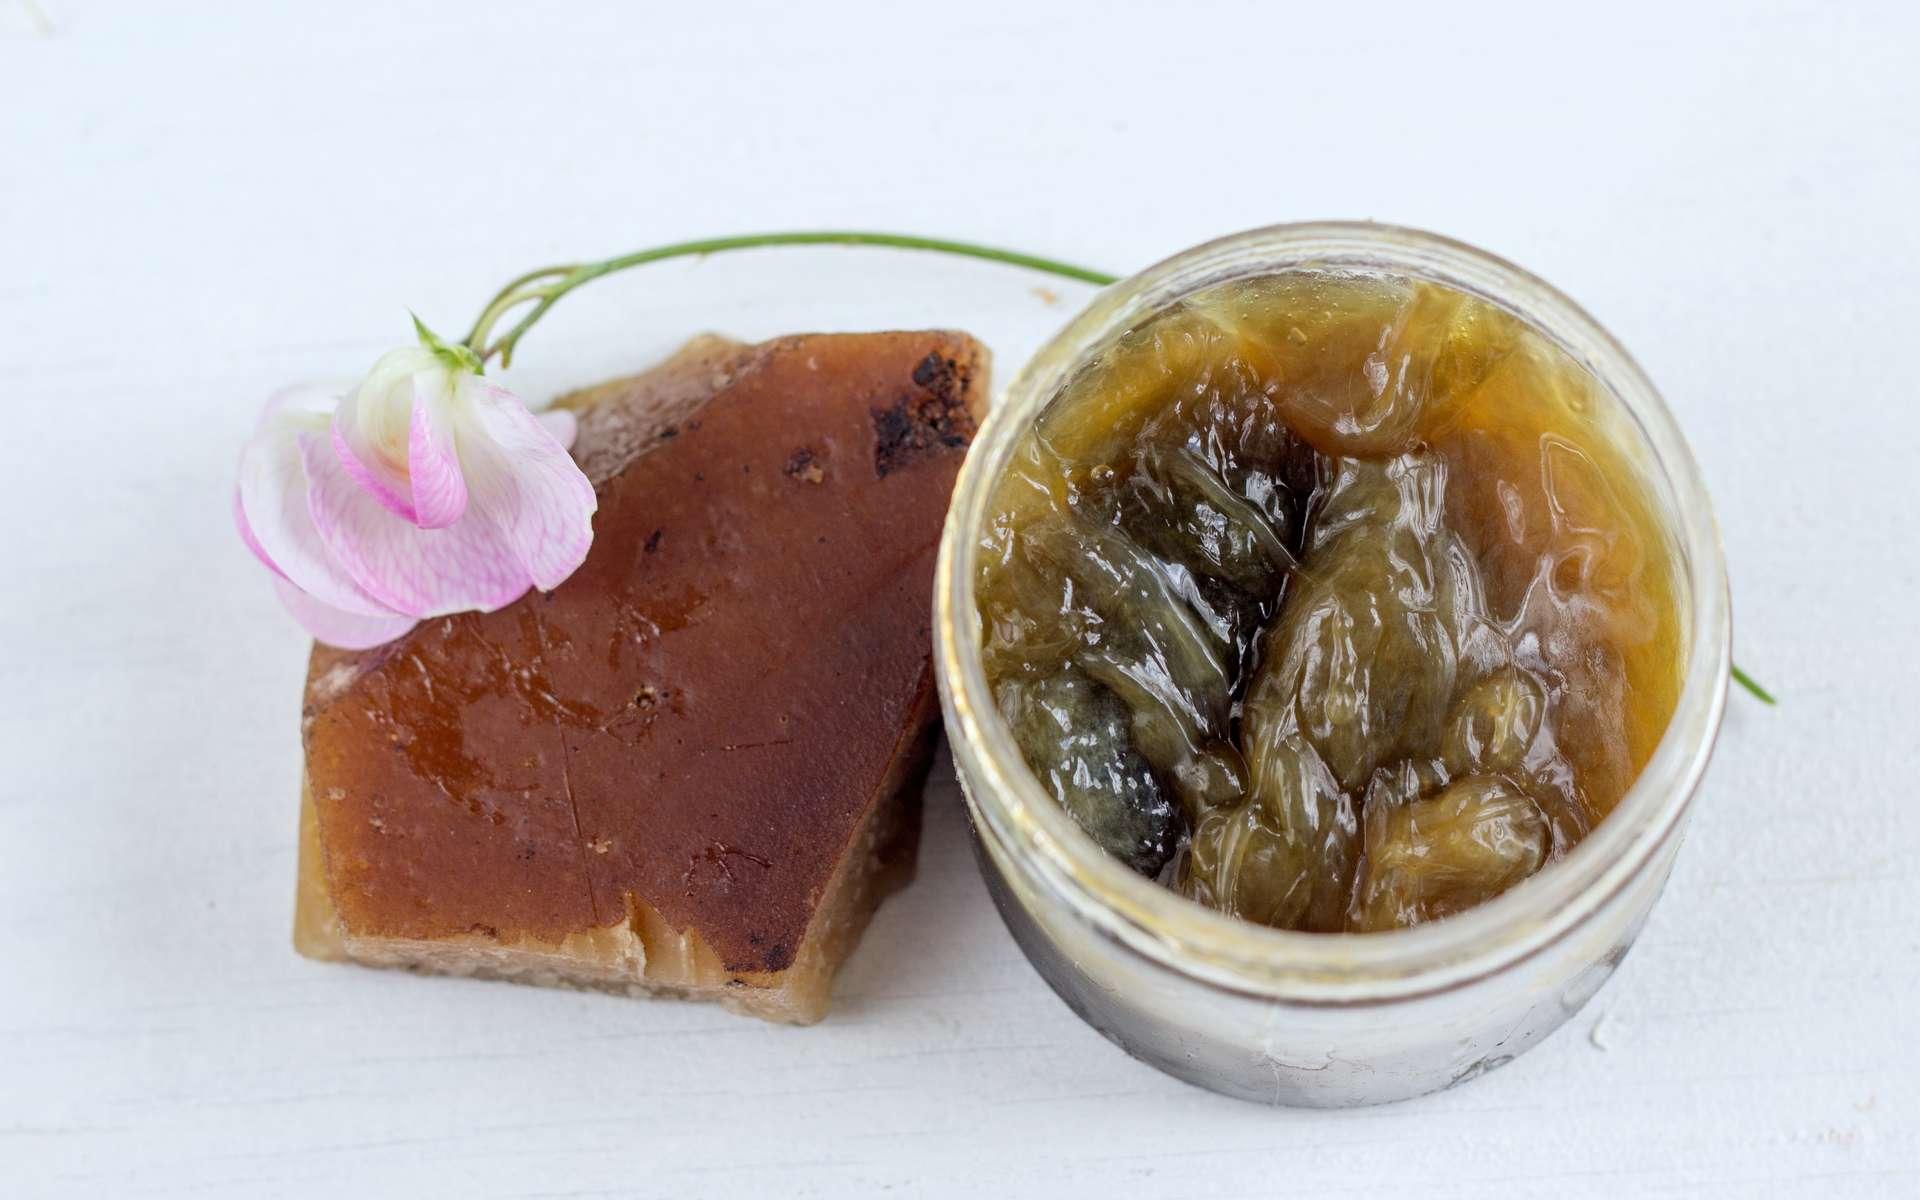 Le savon noir est un produit multiusage. Il se présente sous forme de pâte ou sous forme liquide. © Laciatek, Adobe Stock